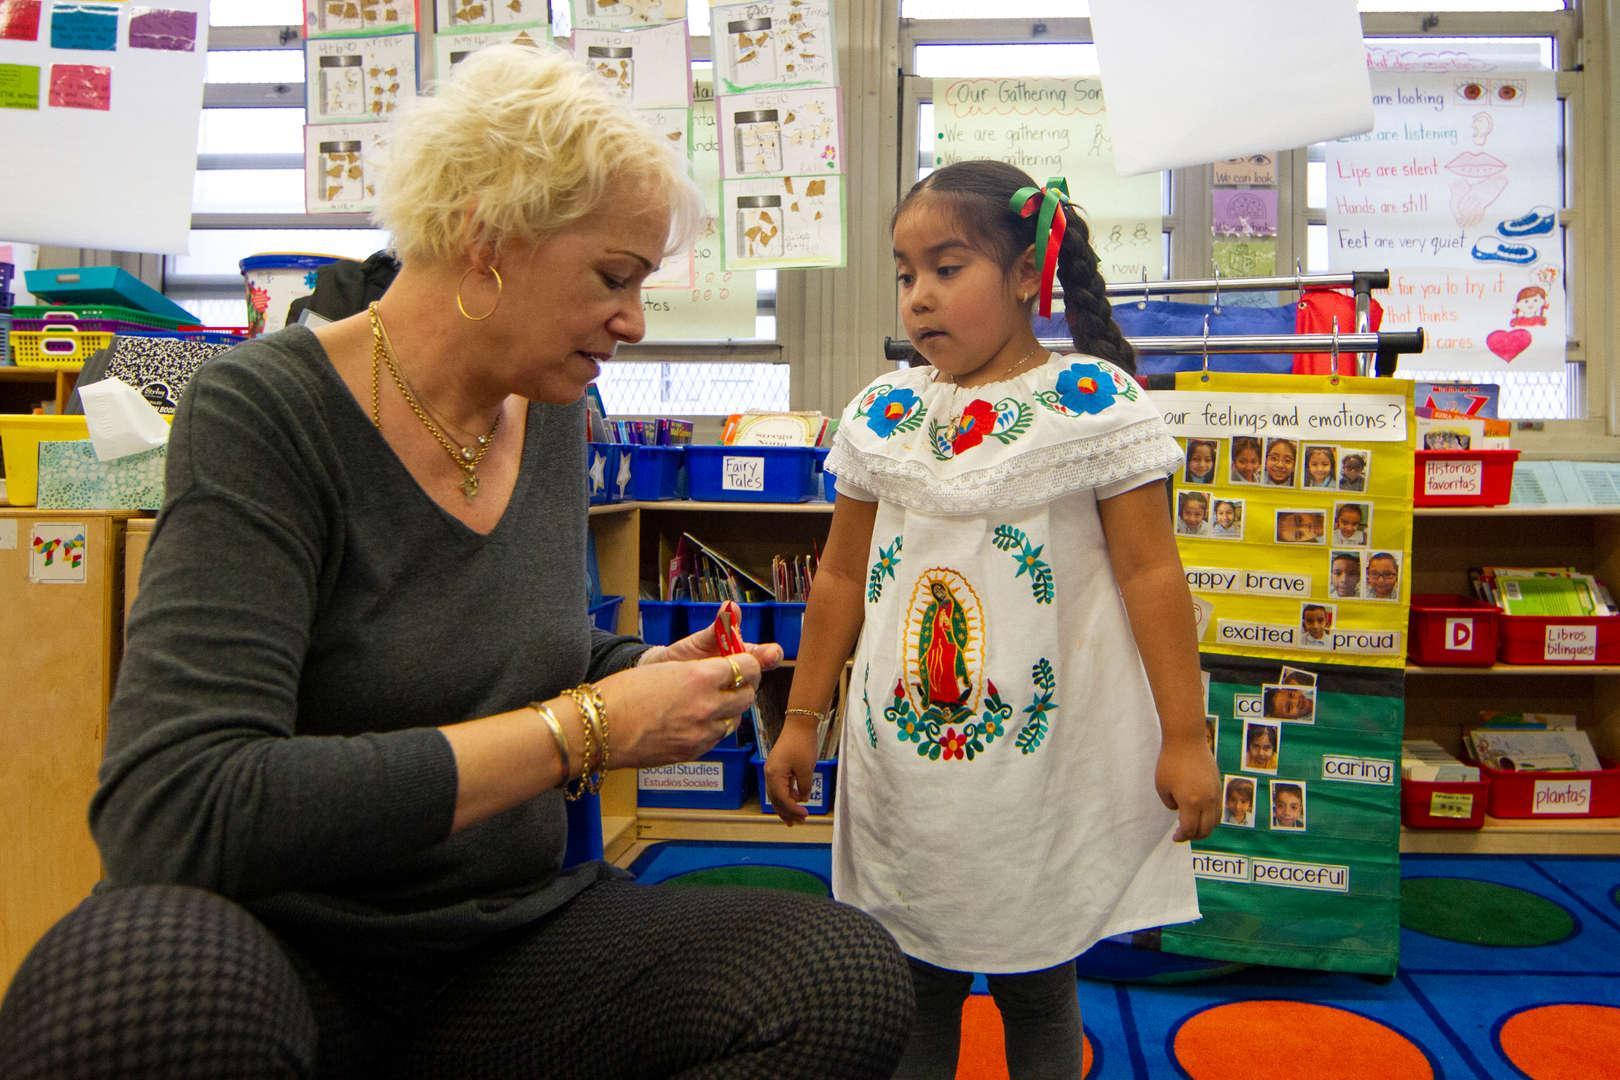 Child working with teacher